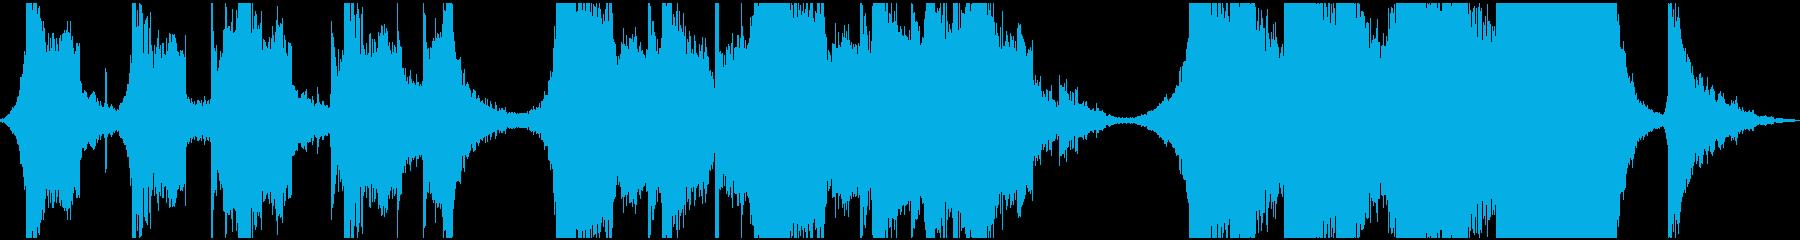 緊迫感のあるエピック系BGMの再生済みの波形